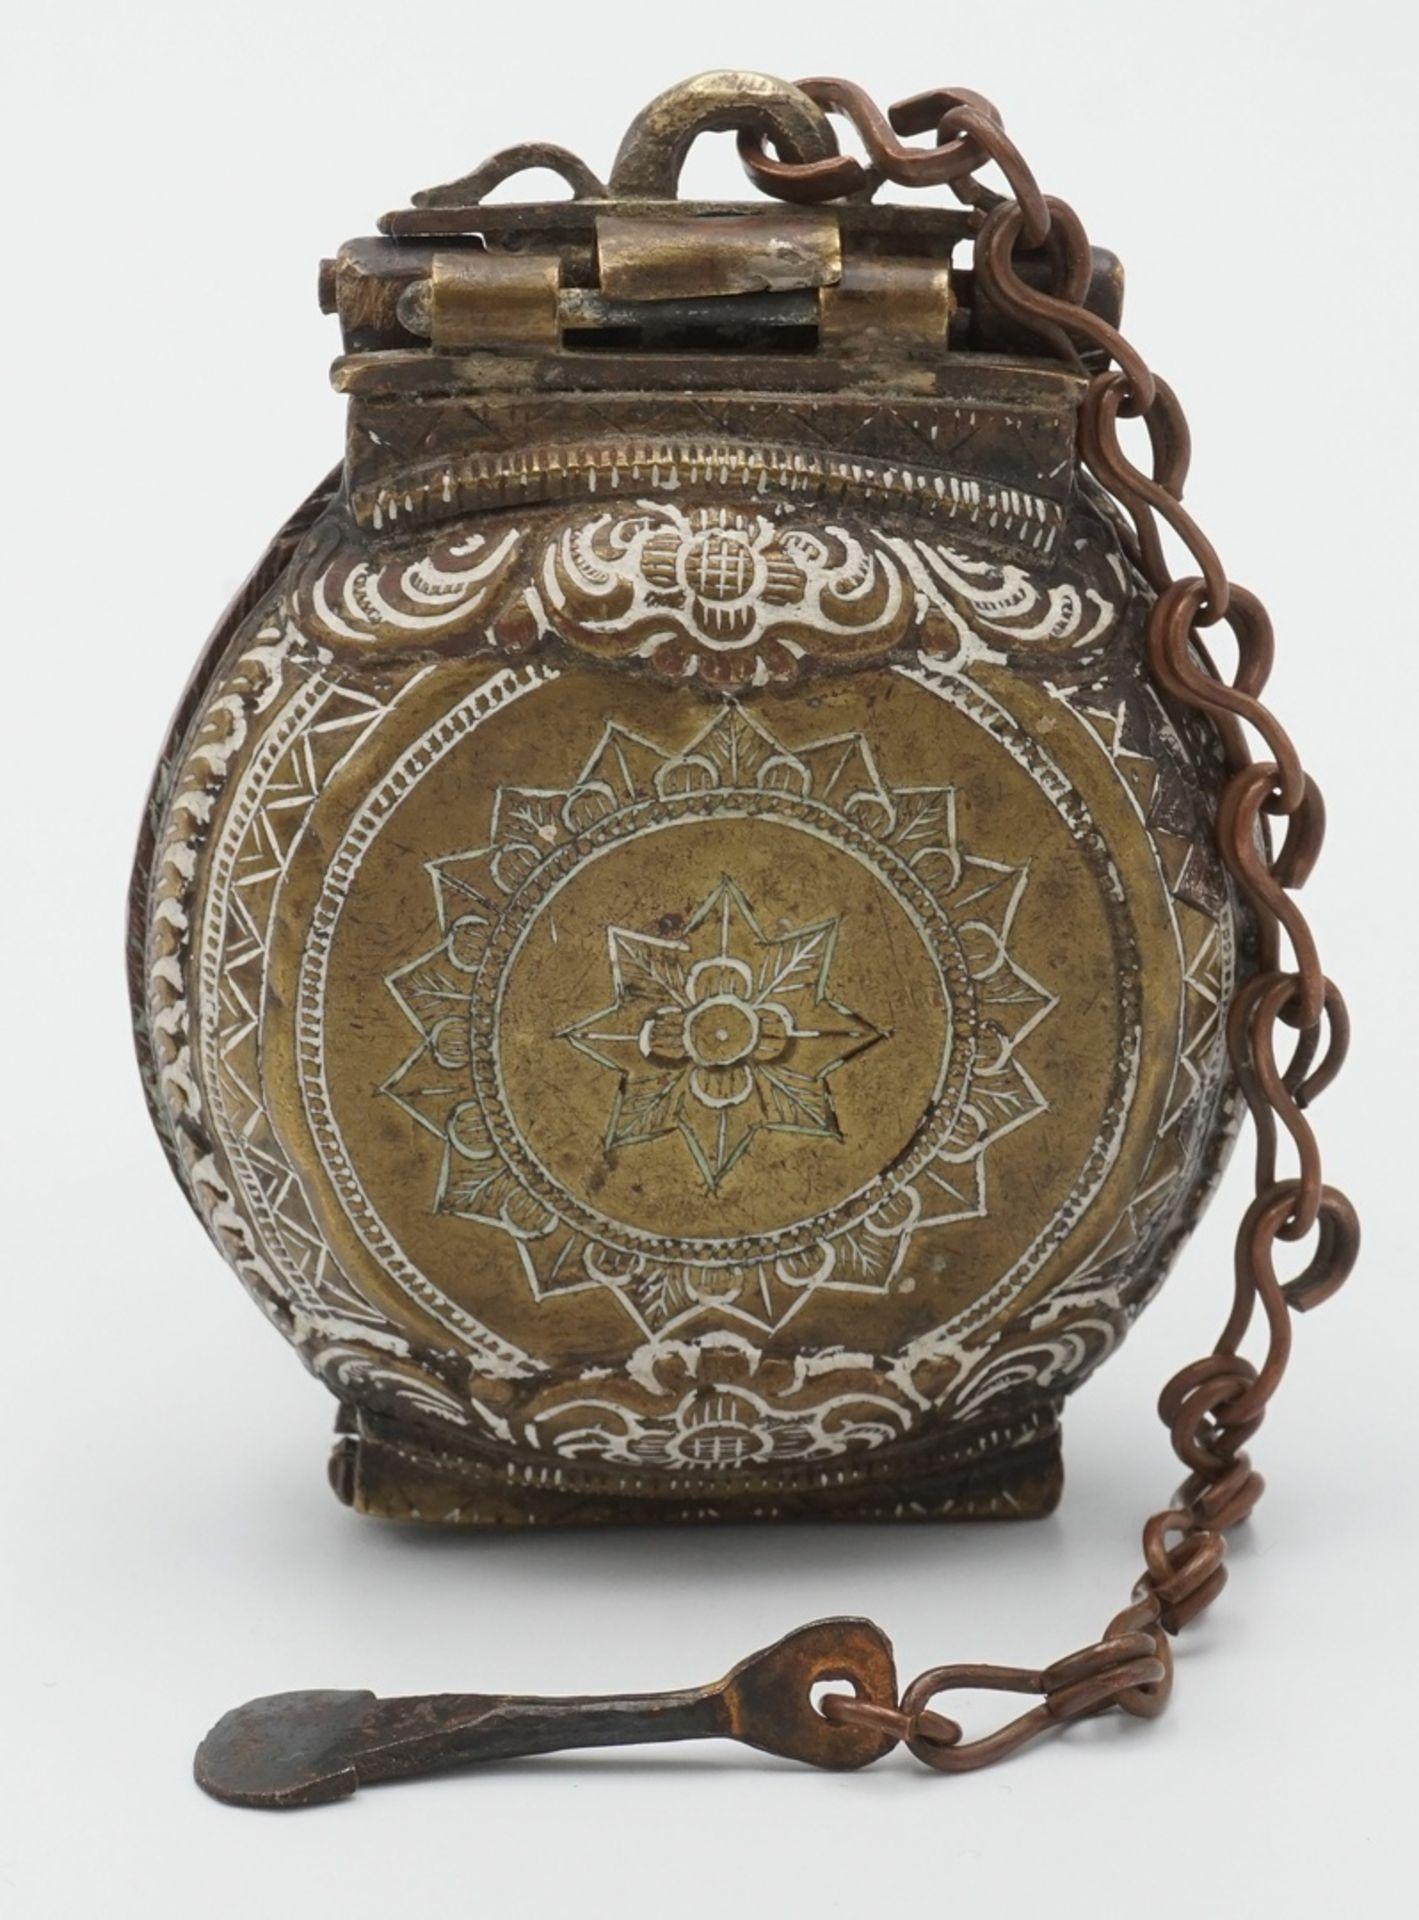 Liturgisches Gefäß / Deckeldose mit Spatel, Tibet, 19. Jh.